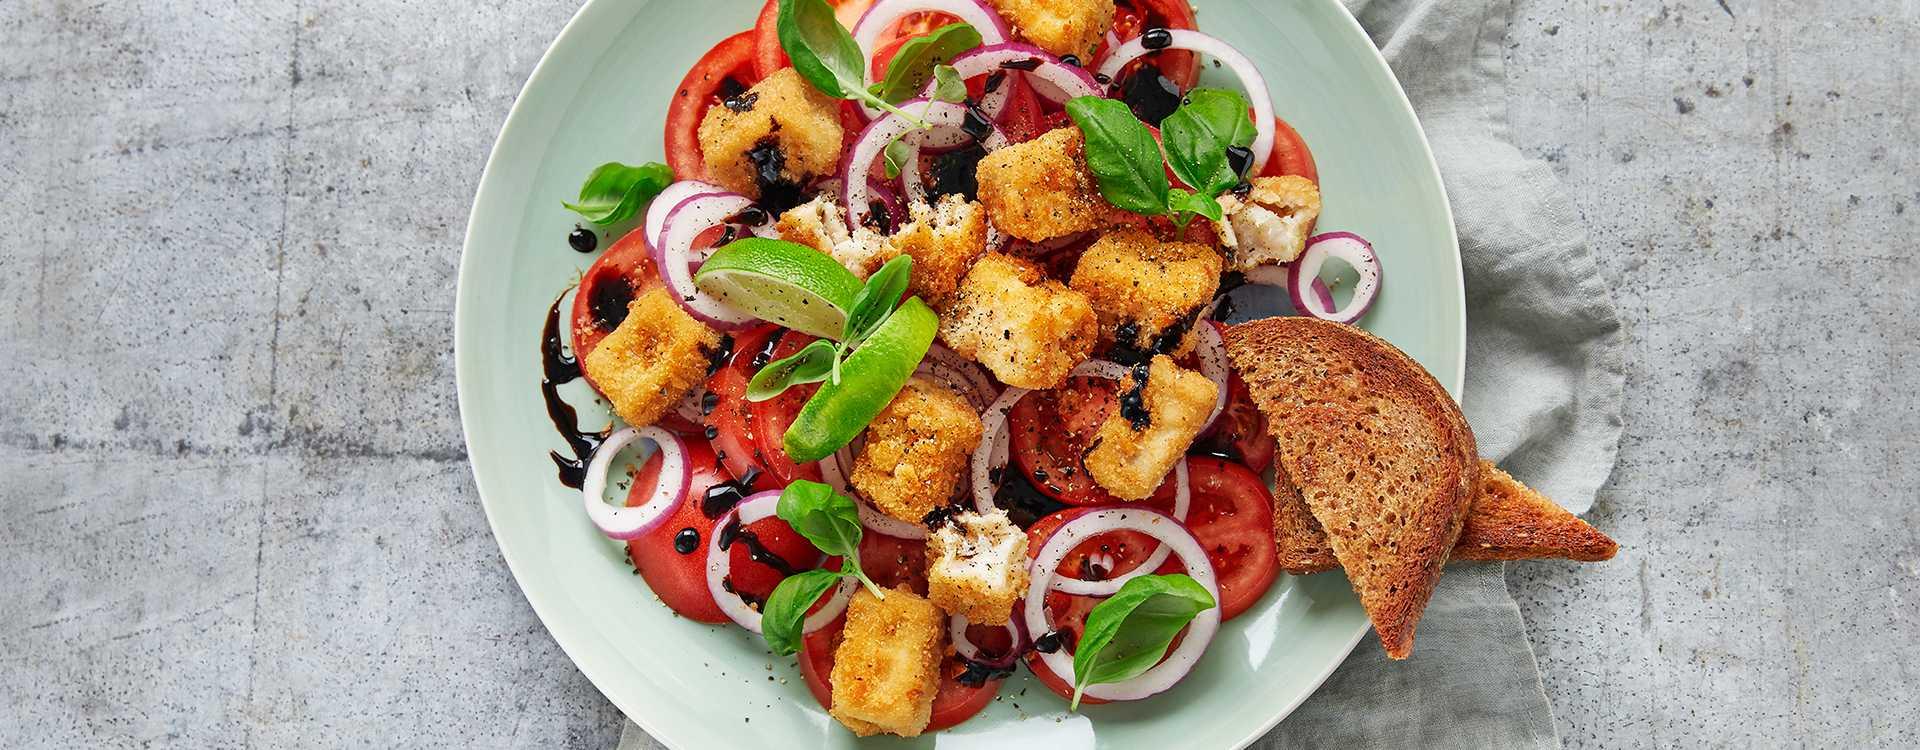 Torskenuggets med tomatsalat